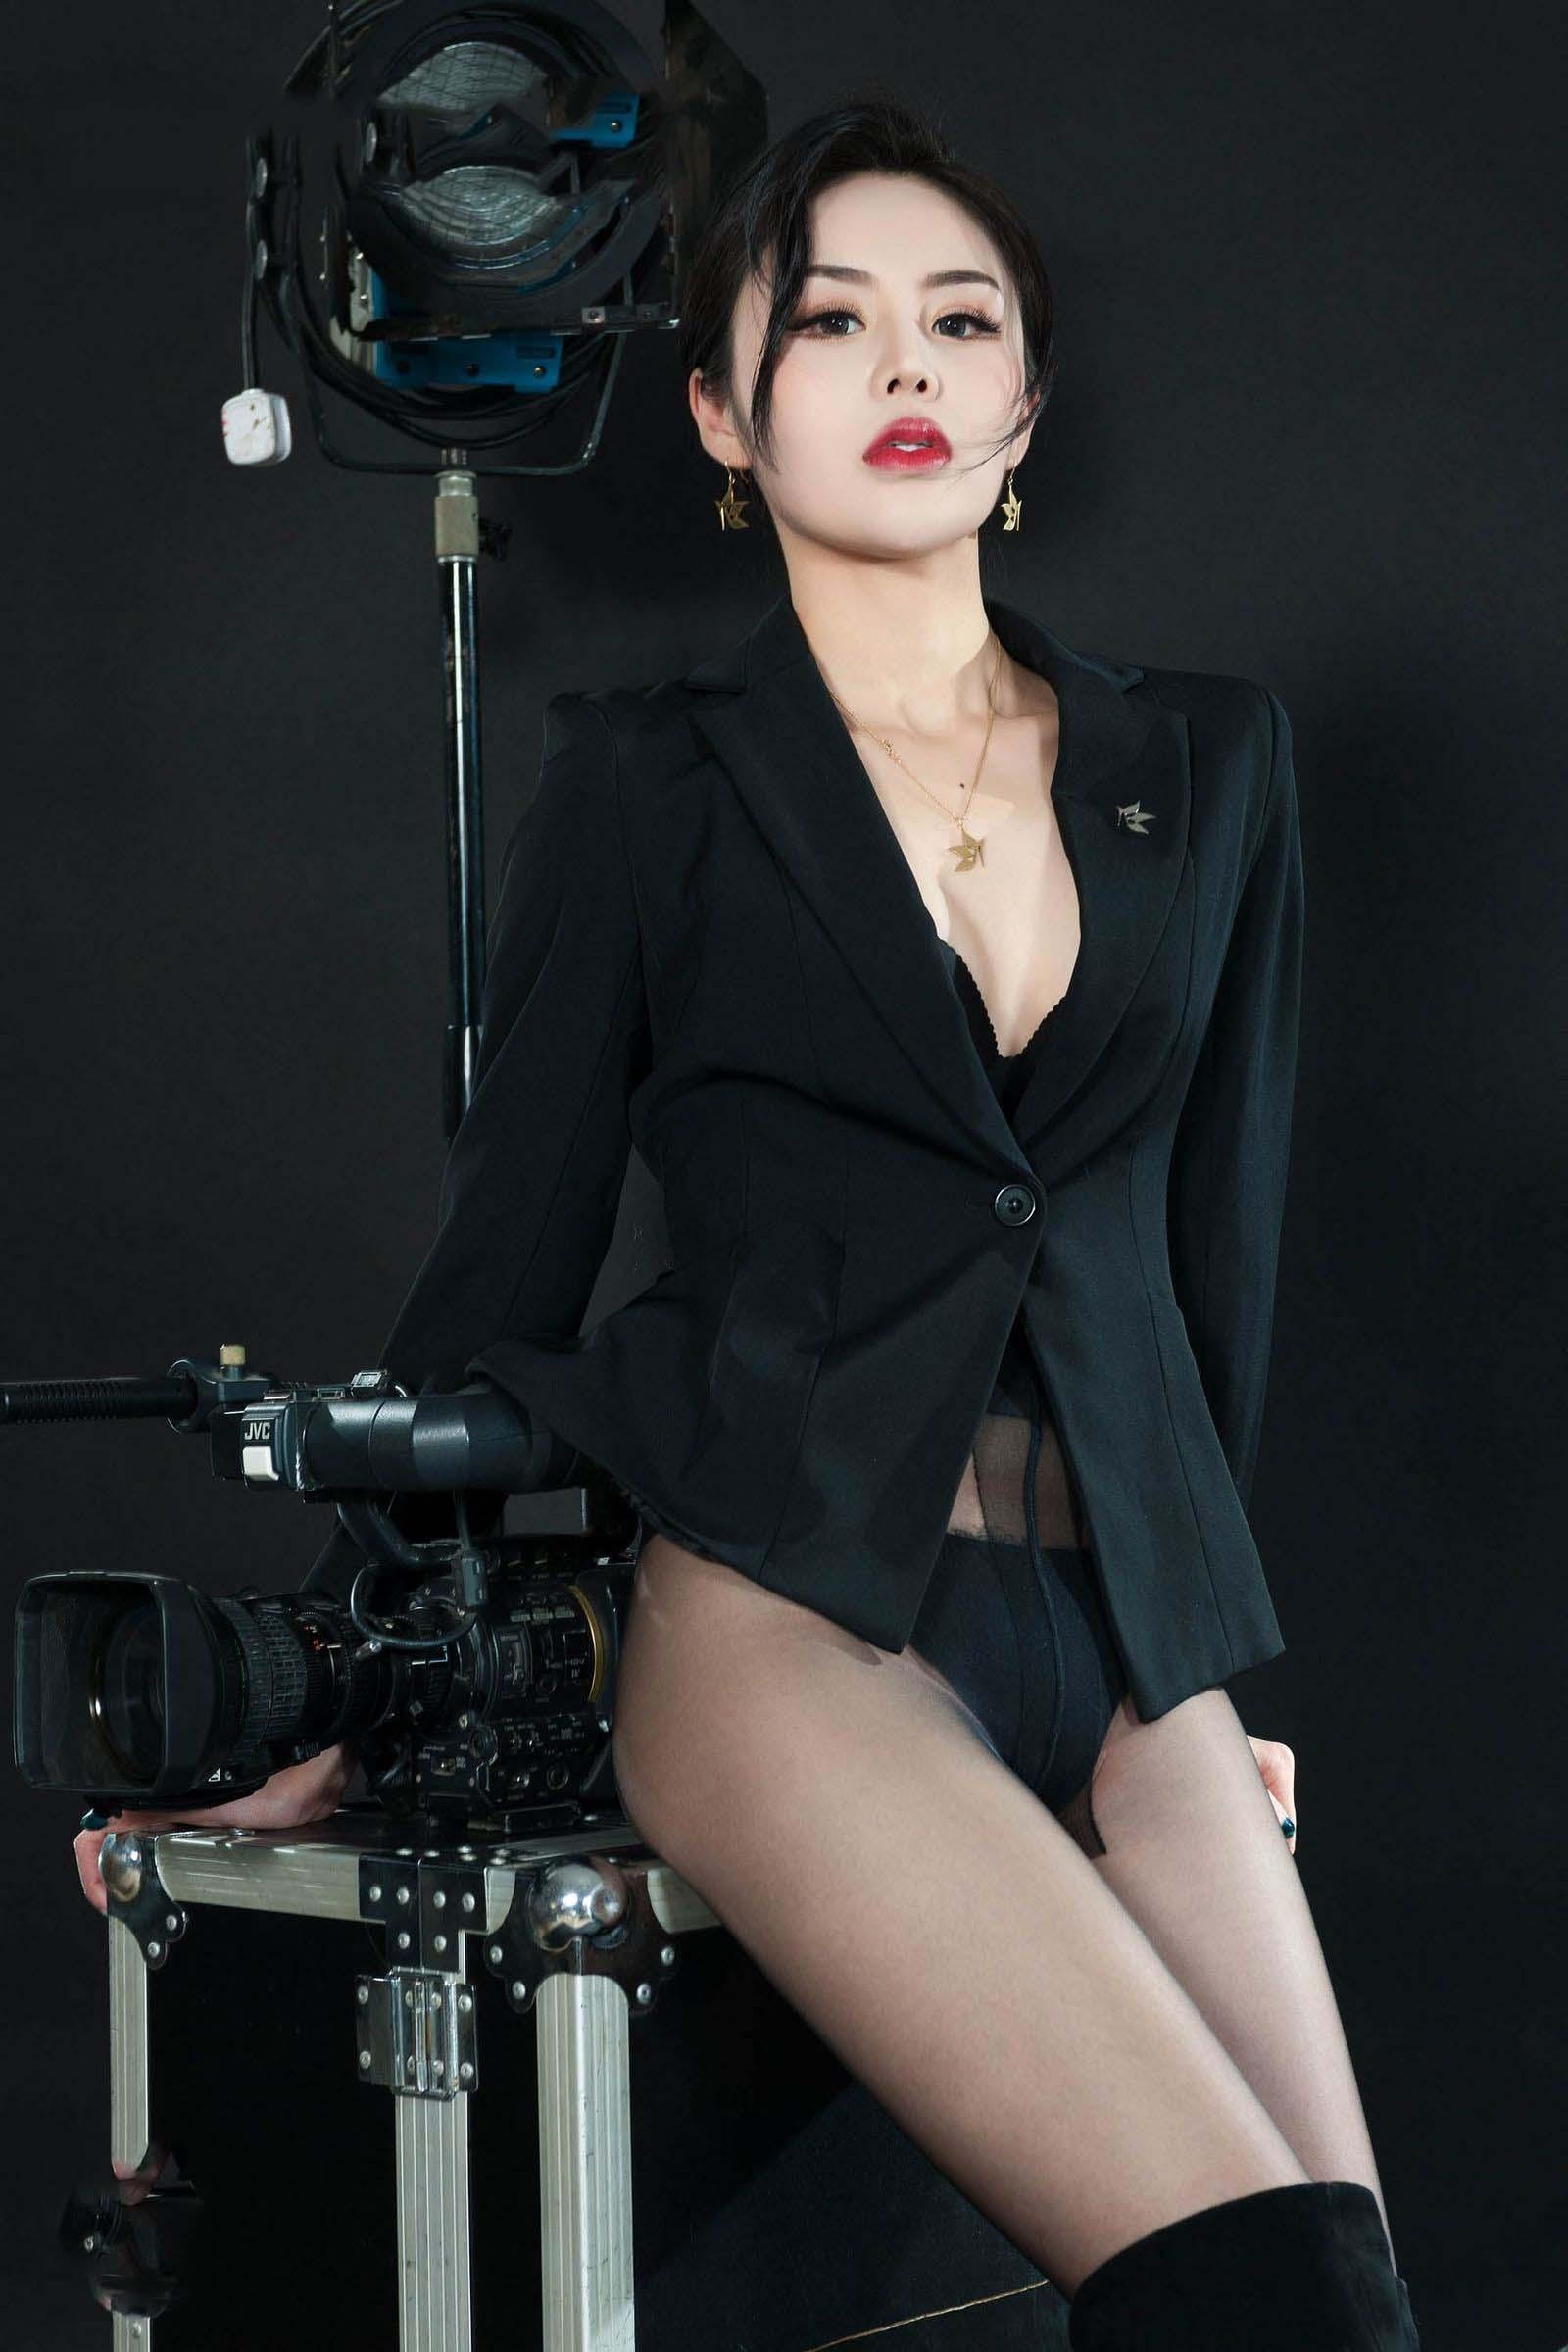 黑丝女秘书和摄影机